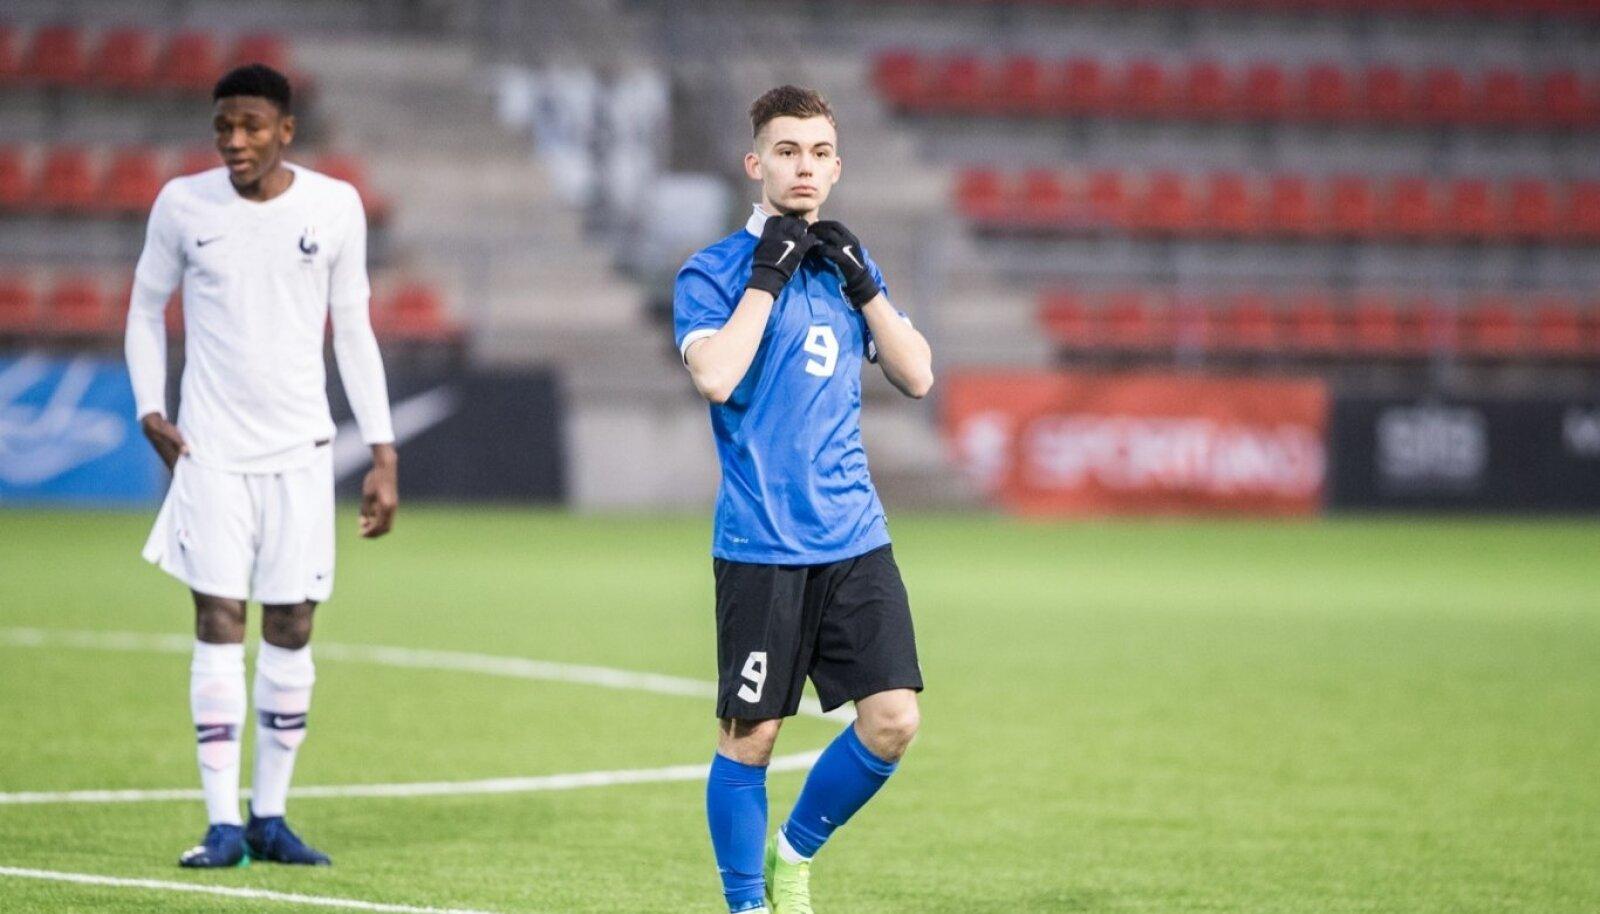 Aleksandr Šapovalov Eesti U17 koondise ridades võidumängus Prantsusmaa vastu